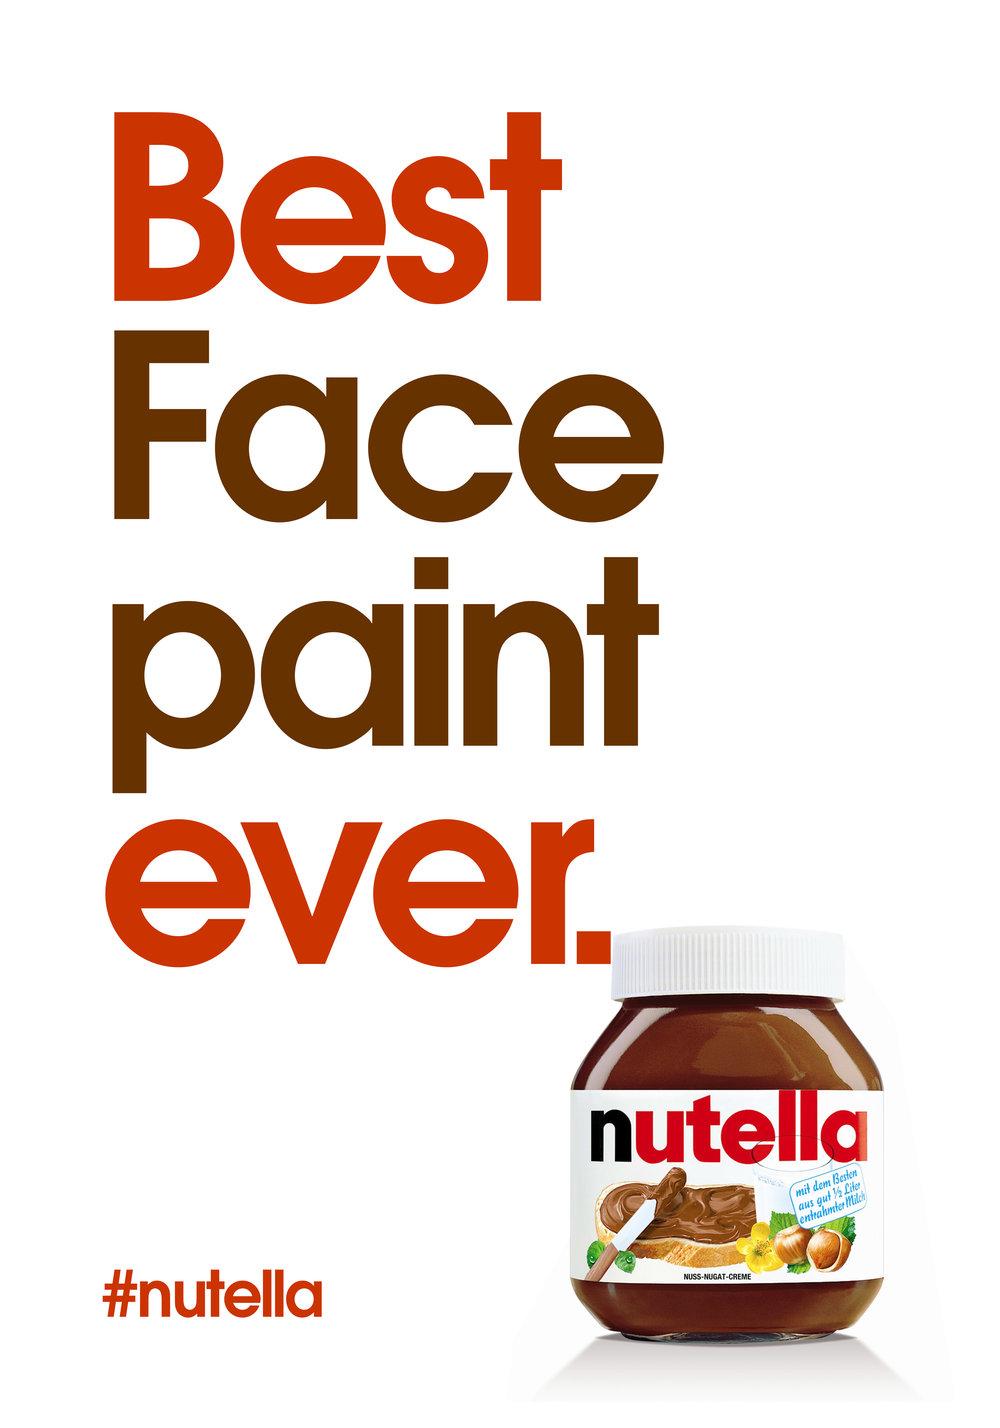 Nutella Poster.jpg